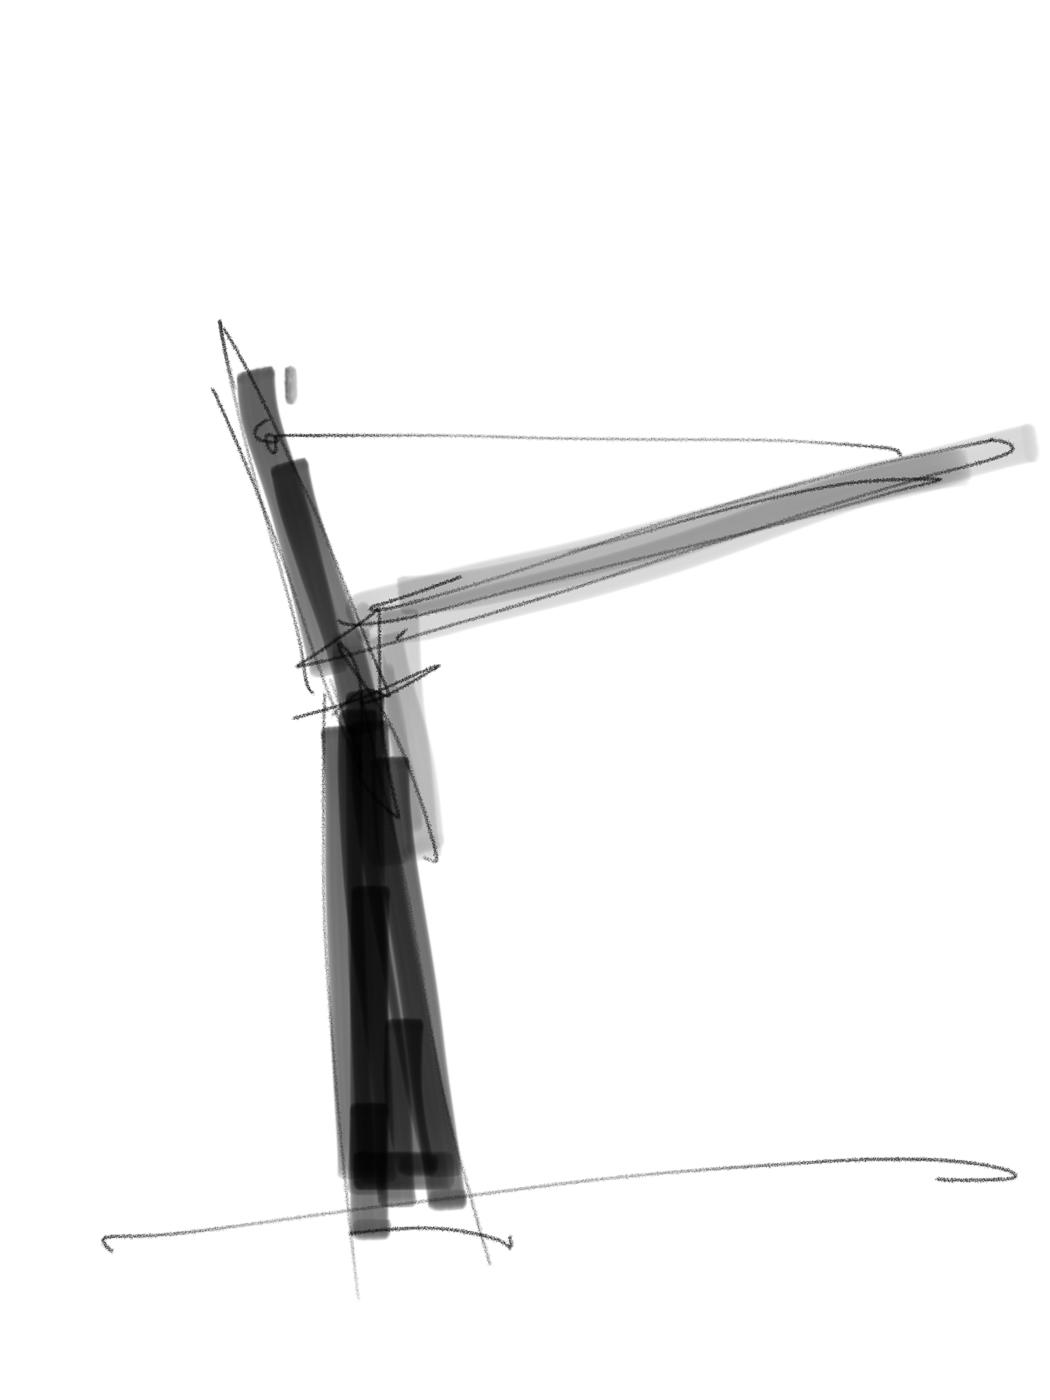 Sketch-495.jpg